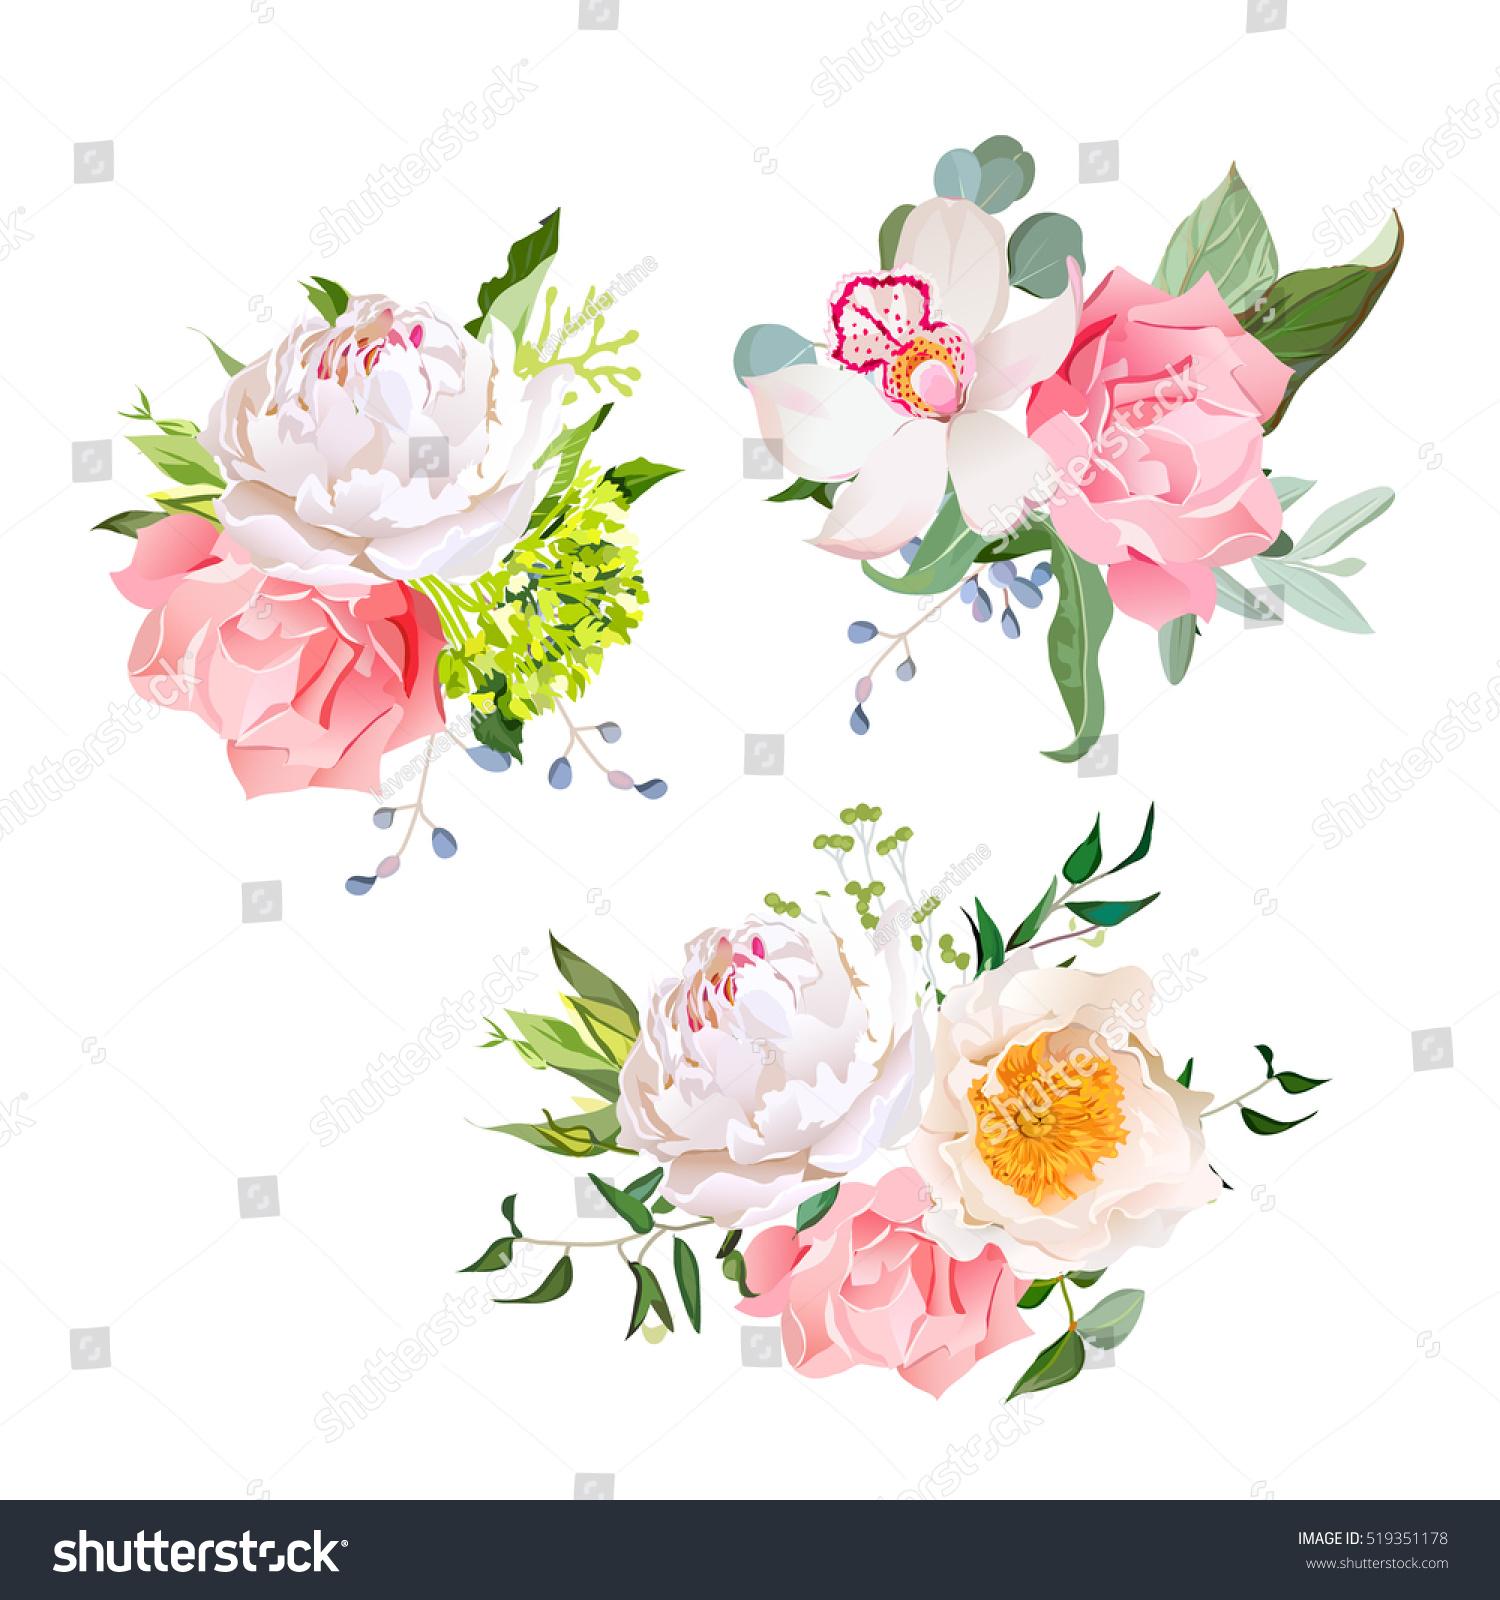 Feuille D Eucalyptus Bouquet image vectorielle de stock de mélange élégant de bouquets de